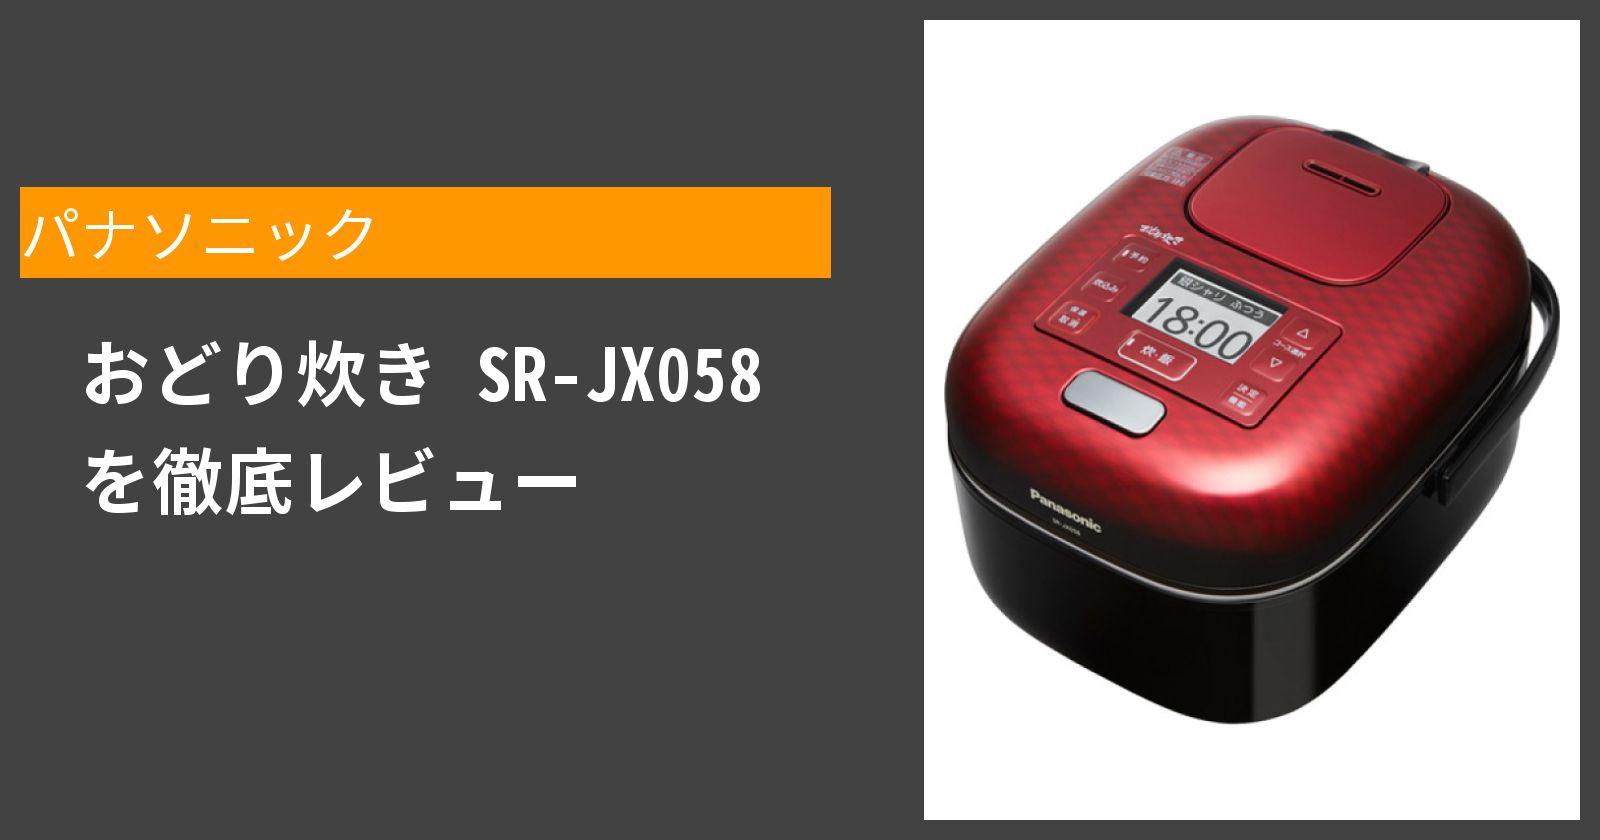 おどり炊き SR-JX058を徹底評価